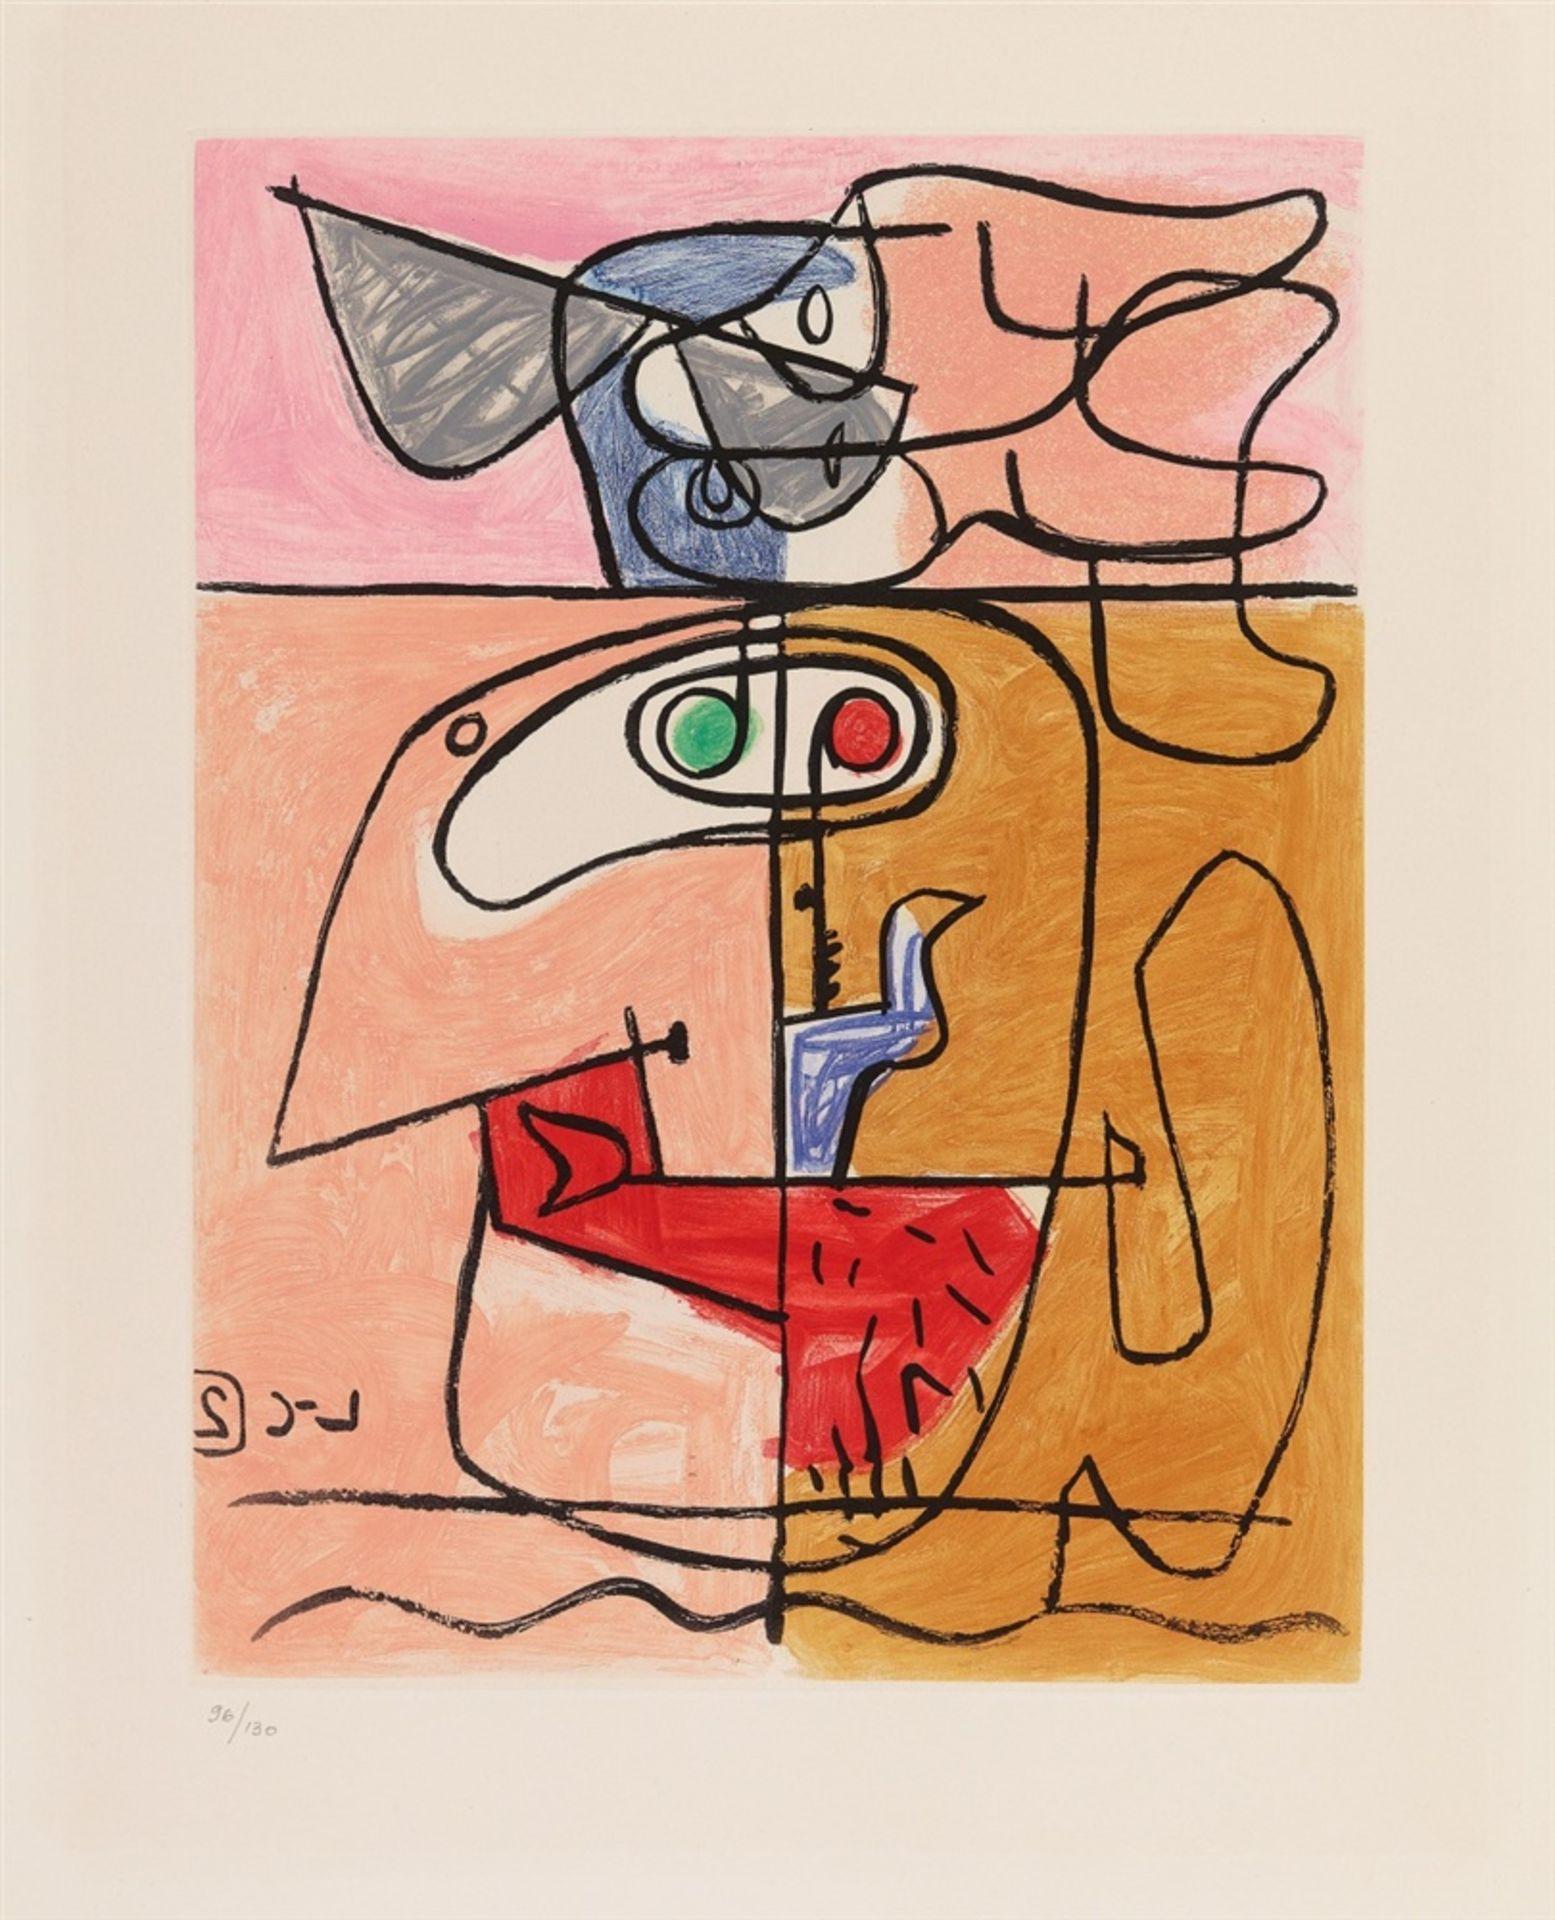 Le Corbusier (Charles-Édouard Jeanneret)Unité - Bild 2 aus 27